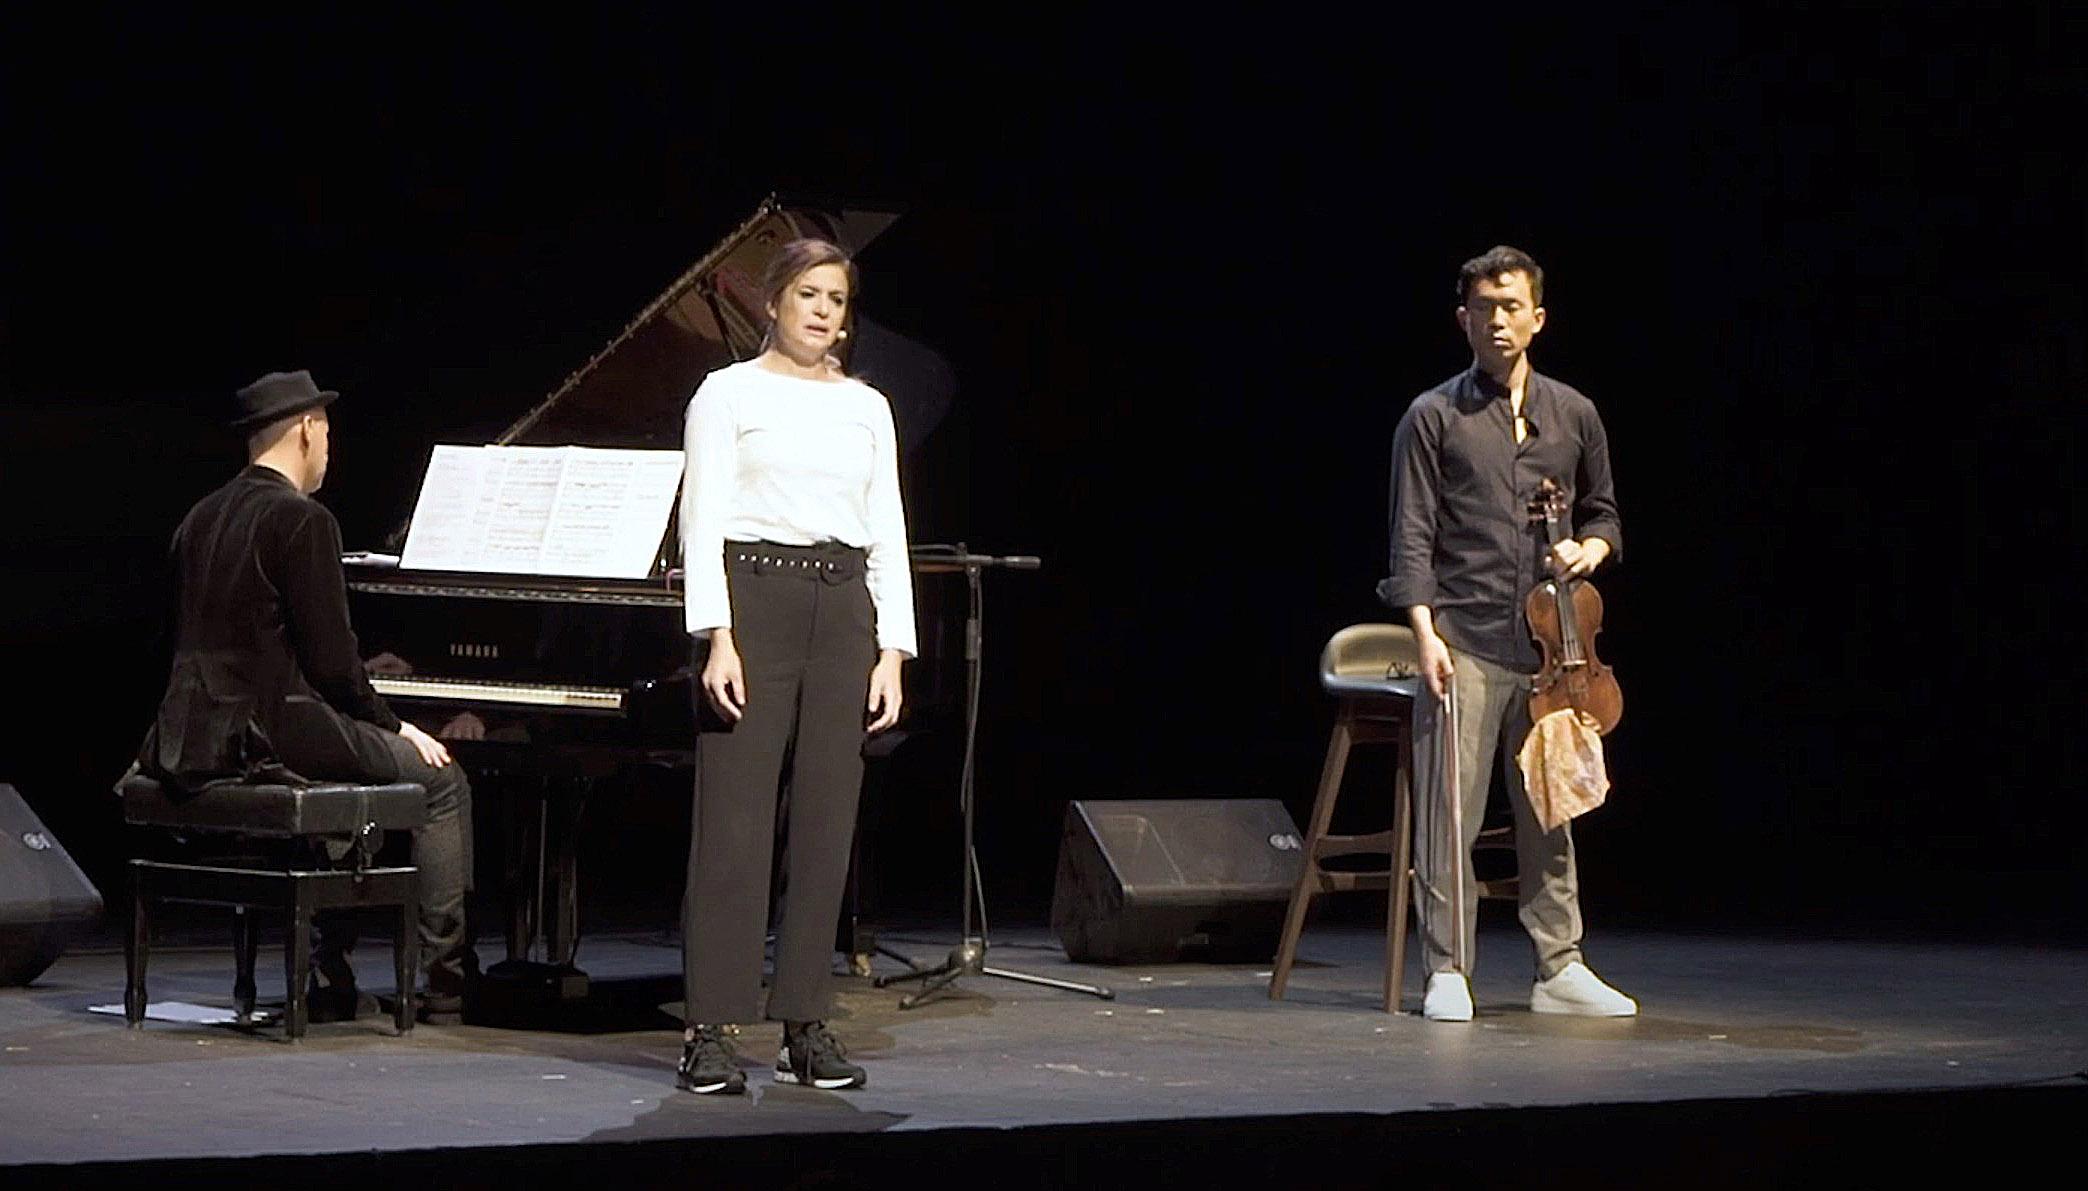 Obra en el teatro Kamikaze. la obra de teatro 'Yo soy el que soy': El del violín es Aaron Lee, la actriz es Verónica Roldán y el pianista es Gaby Goldman